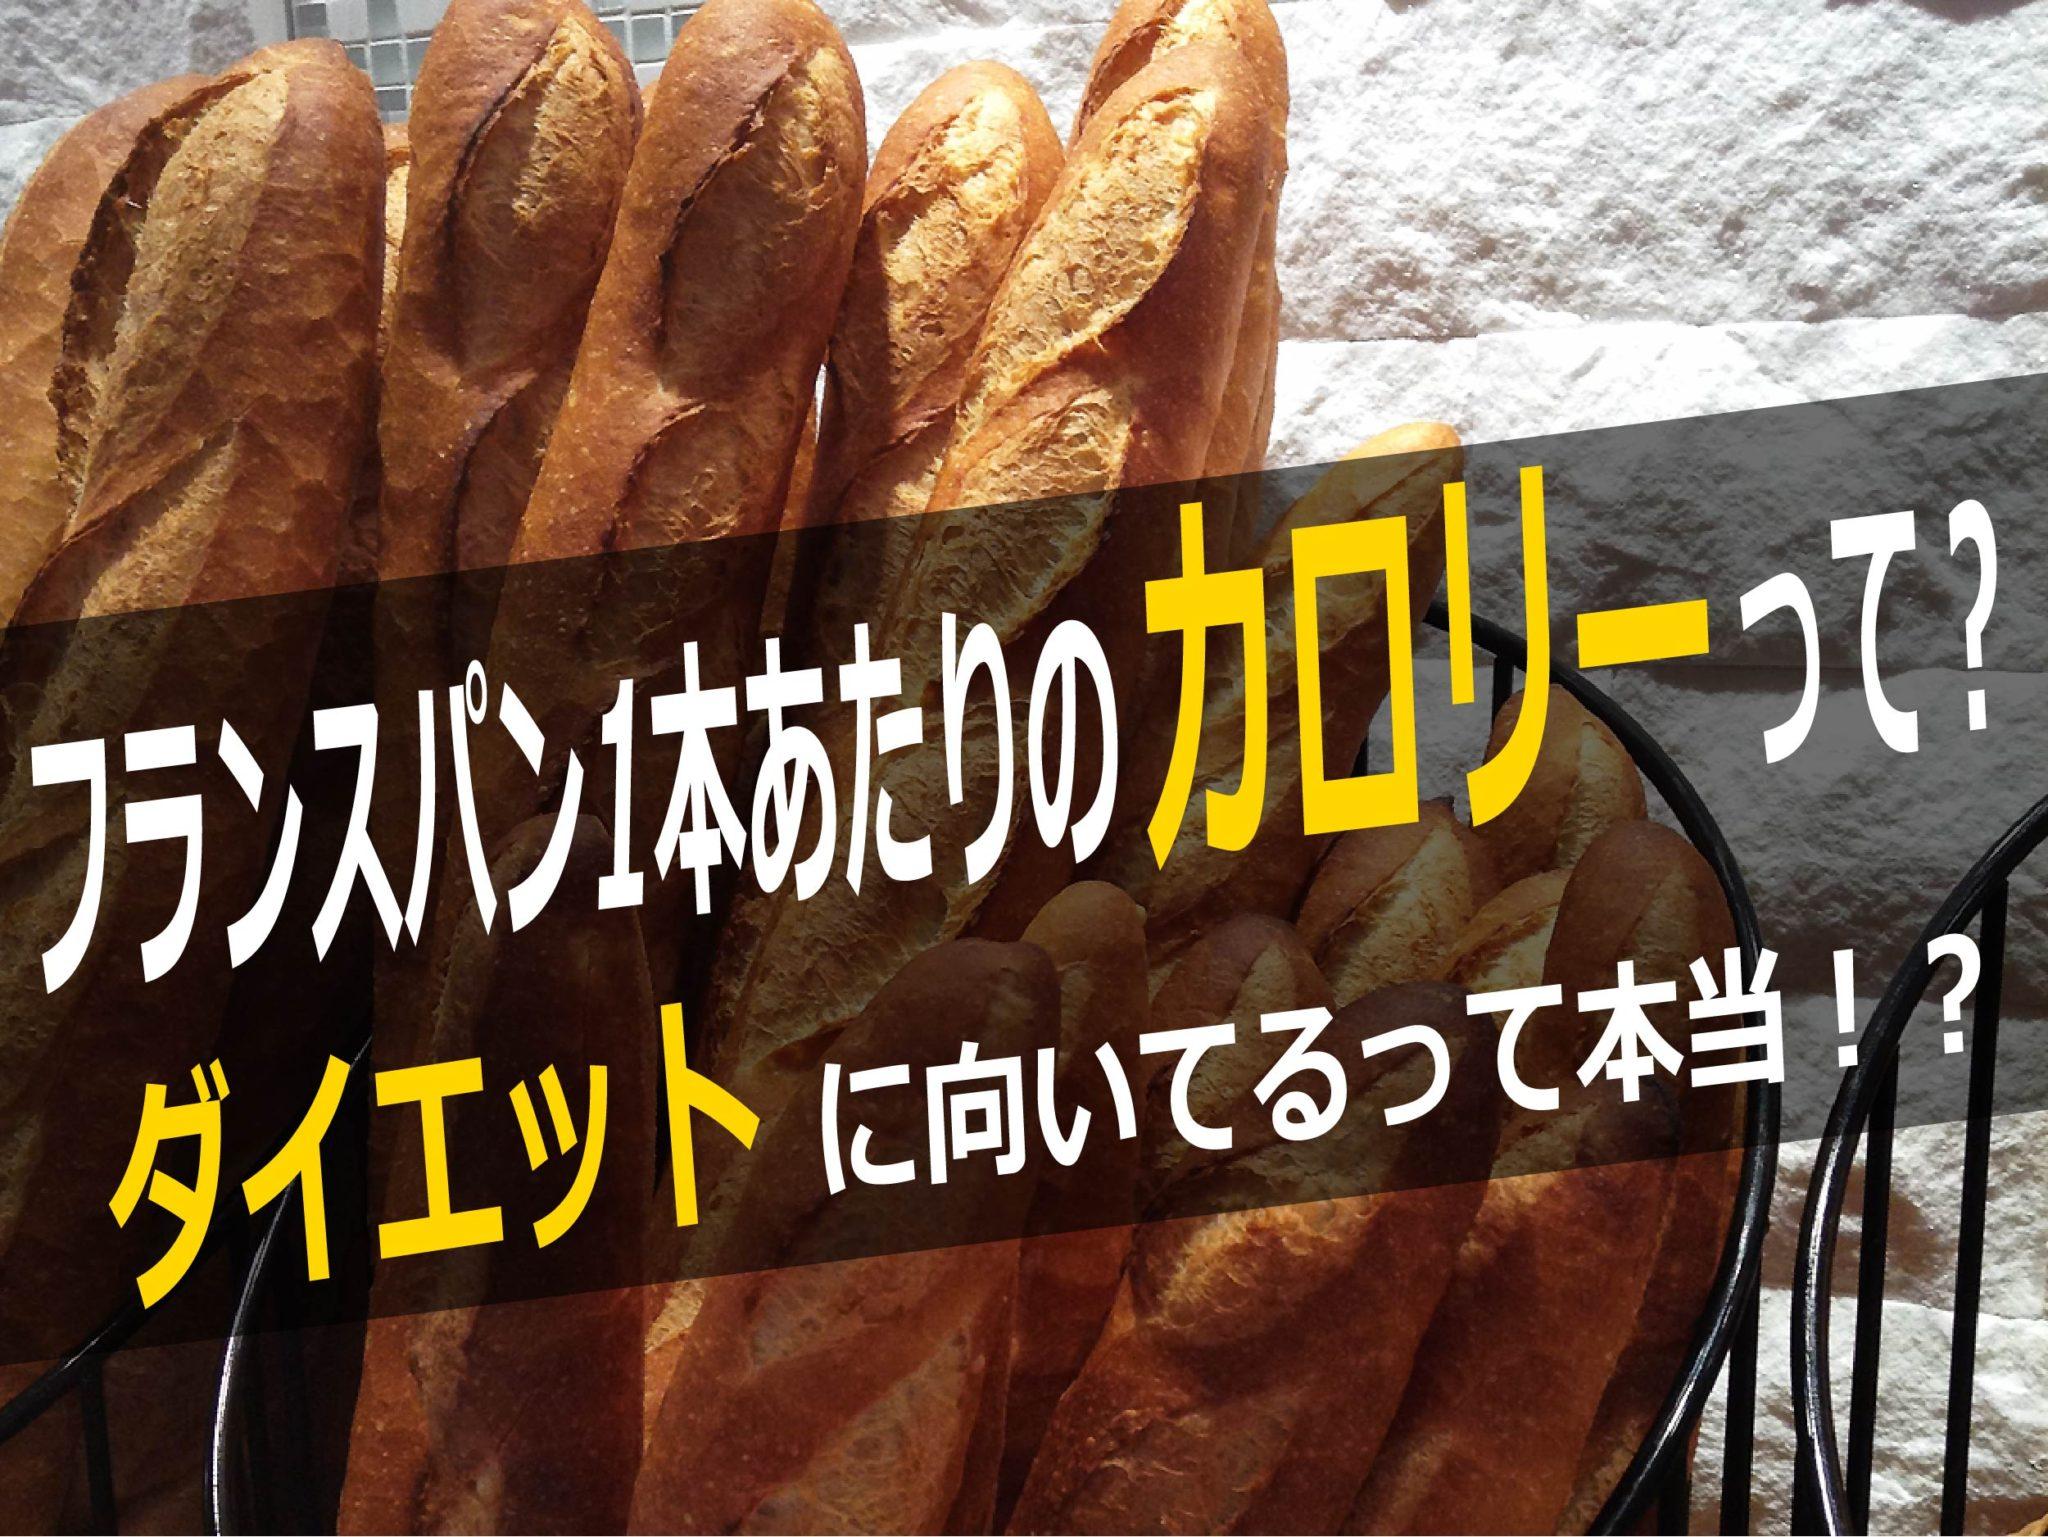 フランスパン1本あたりのカロリーって?フランスパンがダイエットに向いてるって本当!?